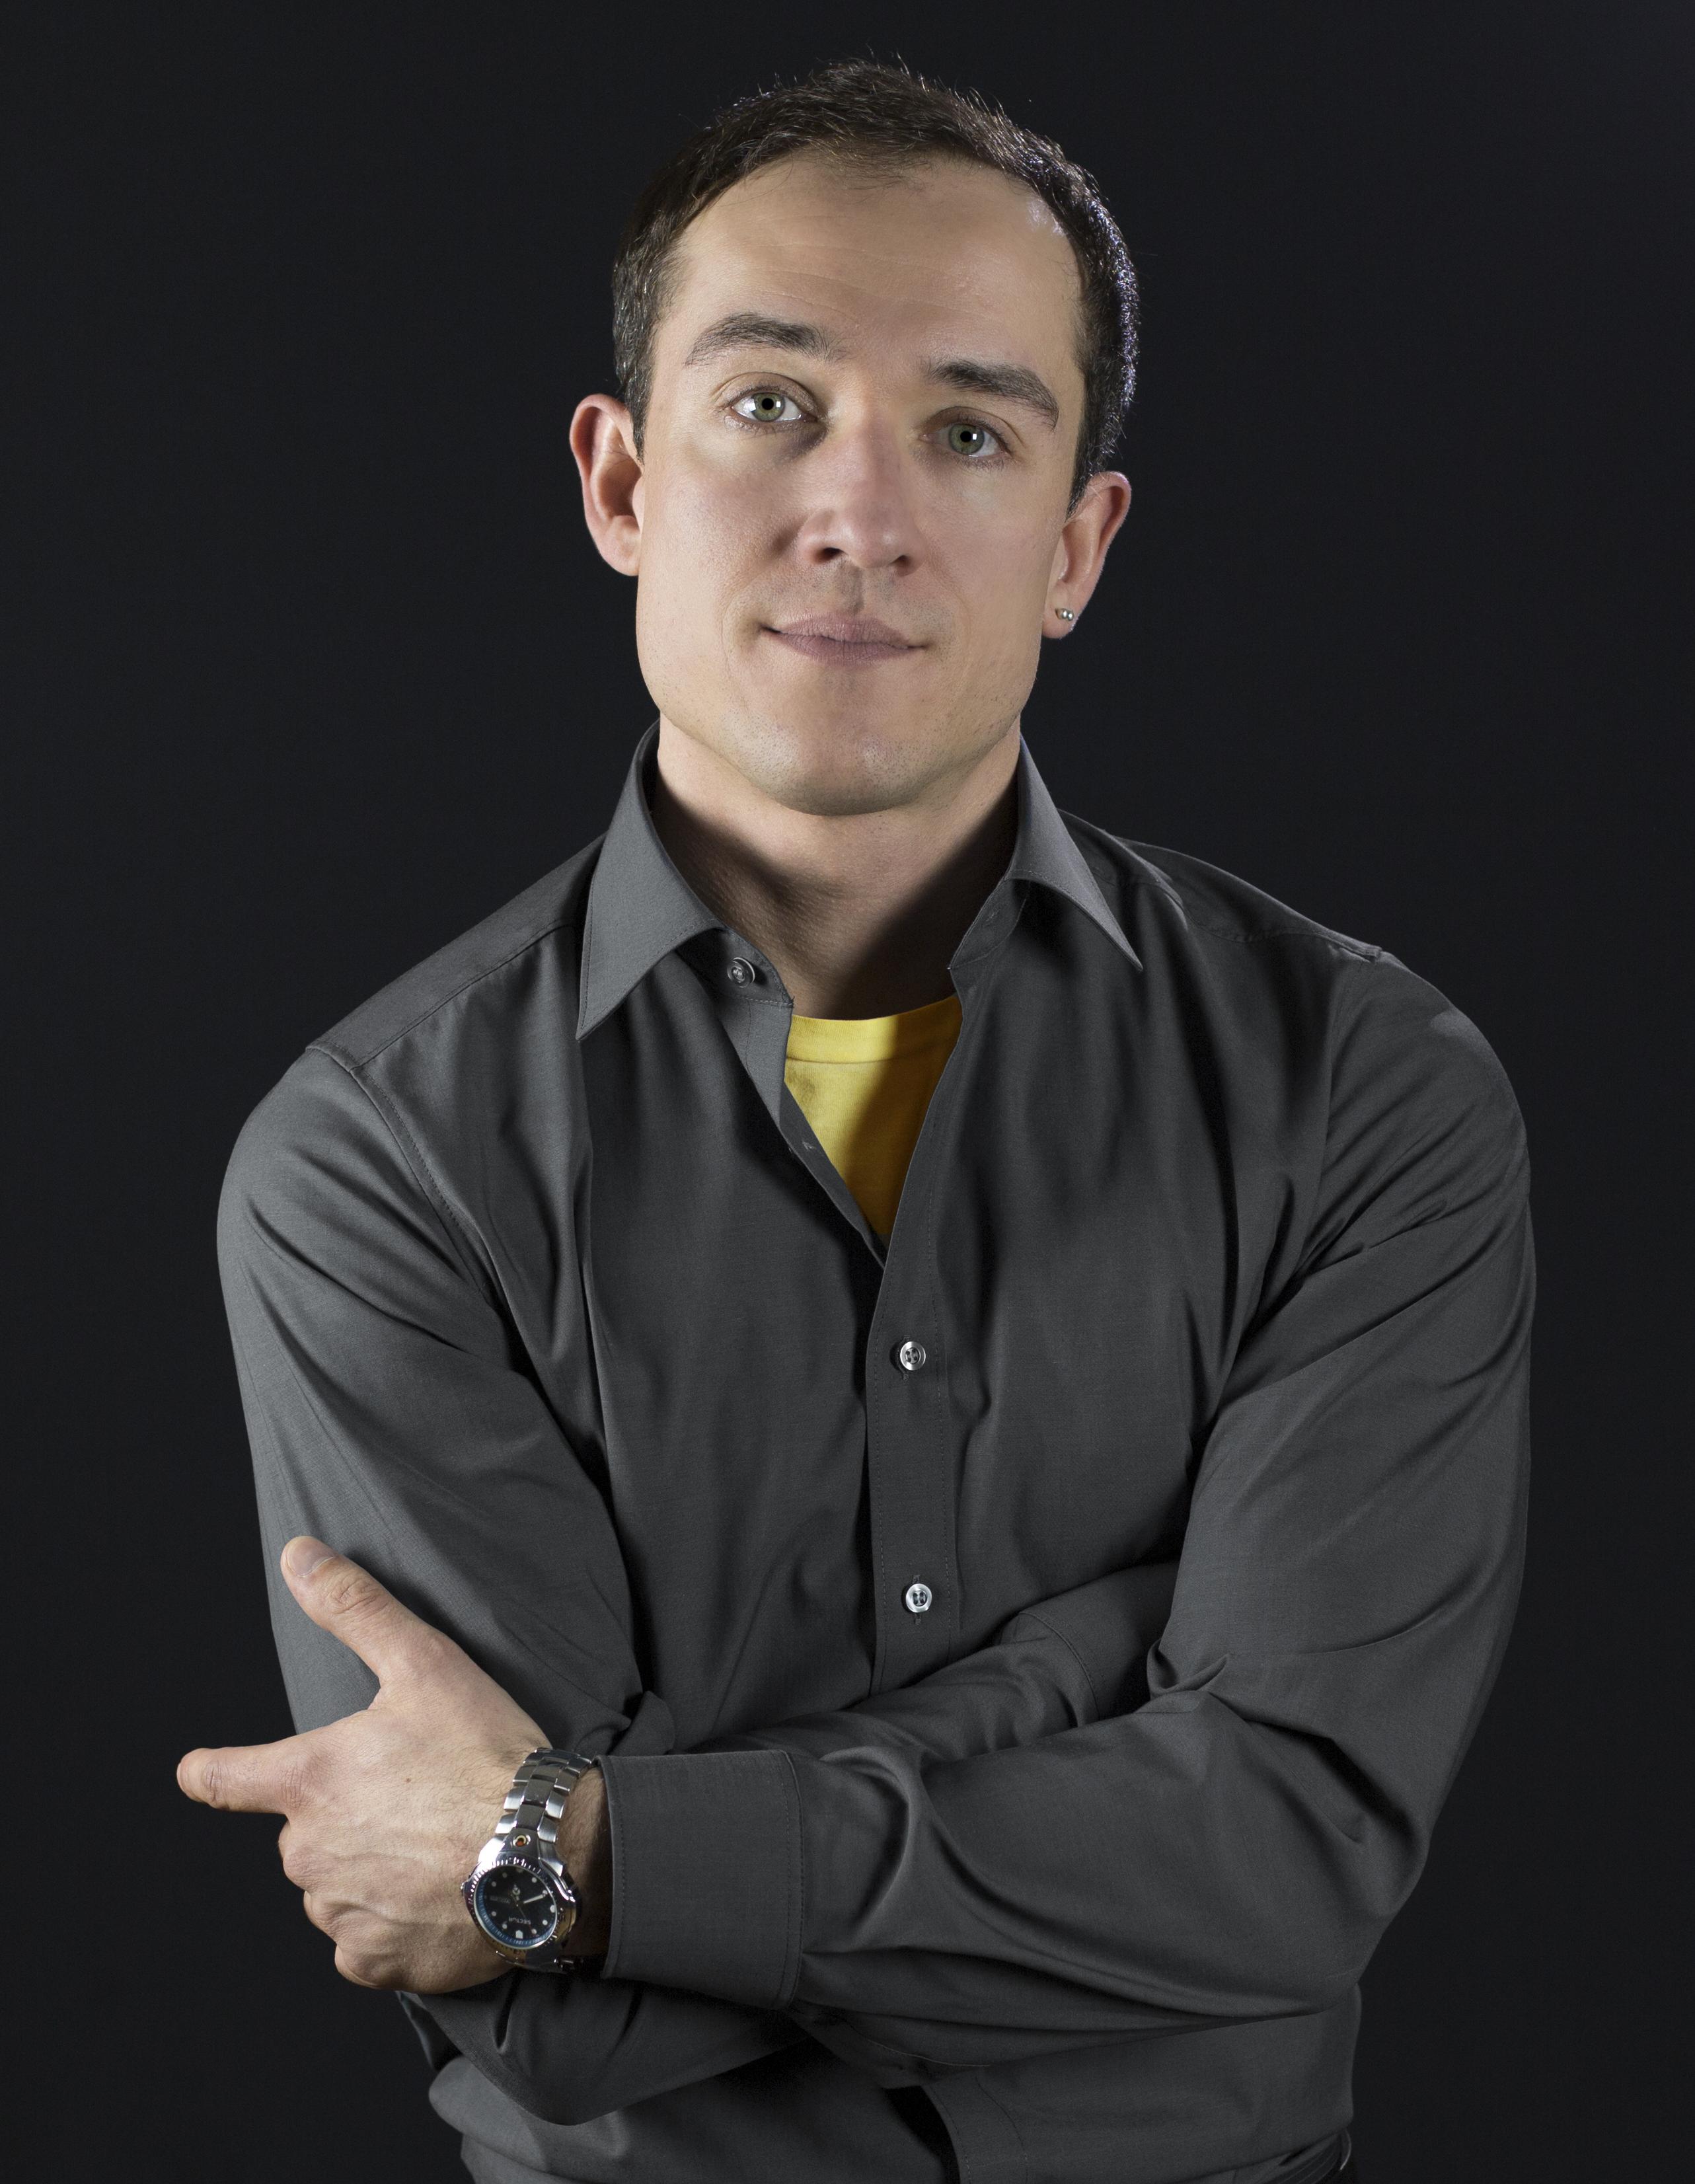 Alfapro Diego Bazialli